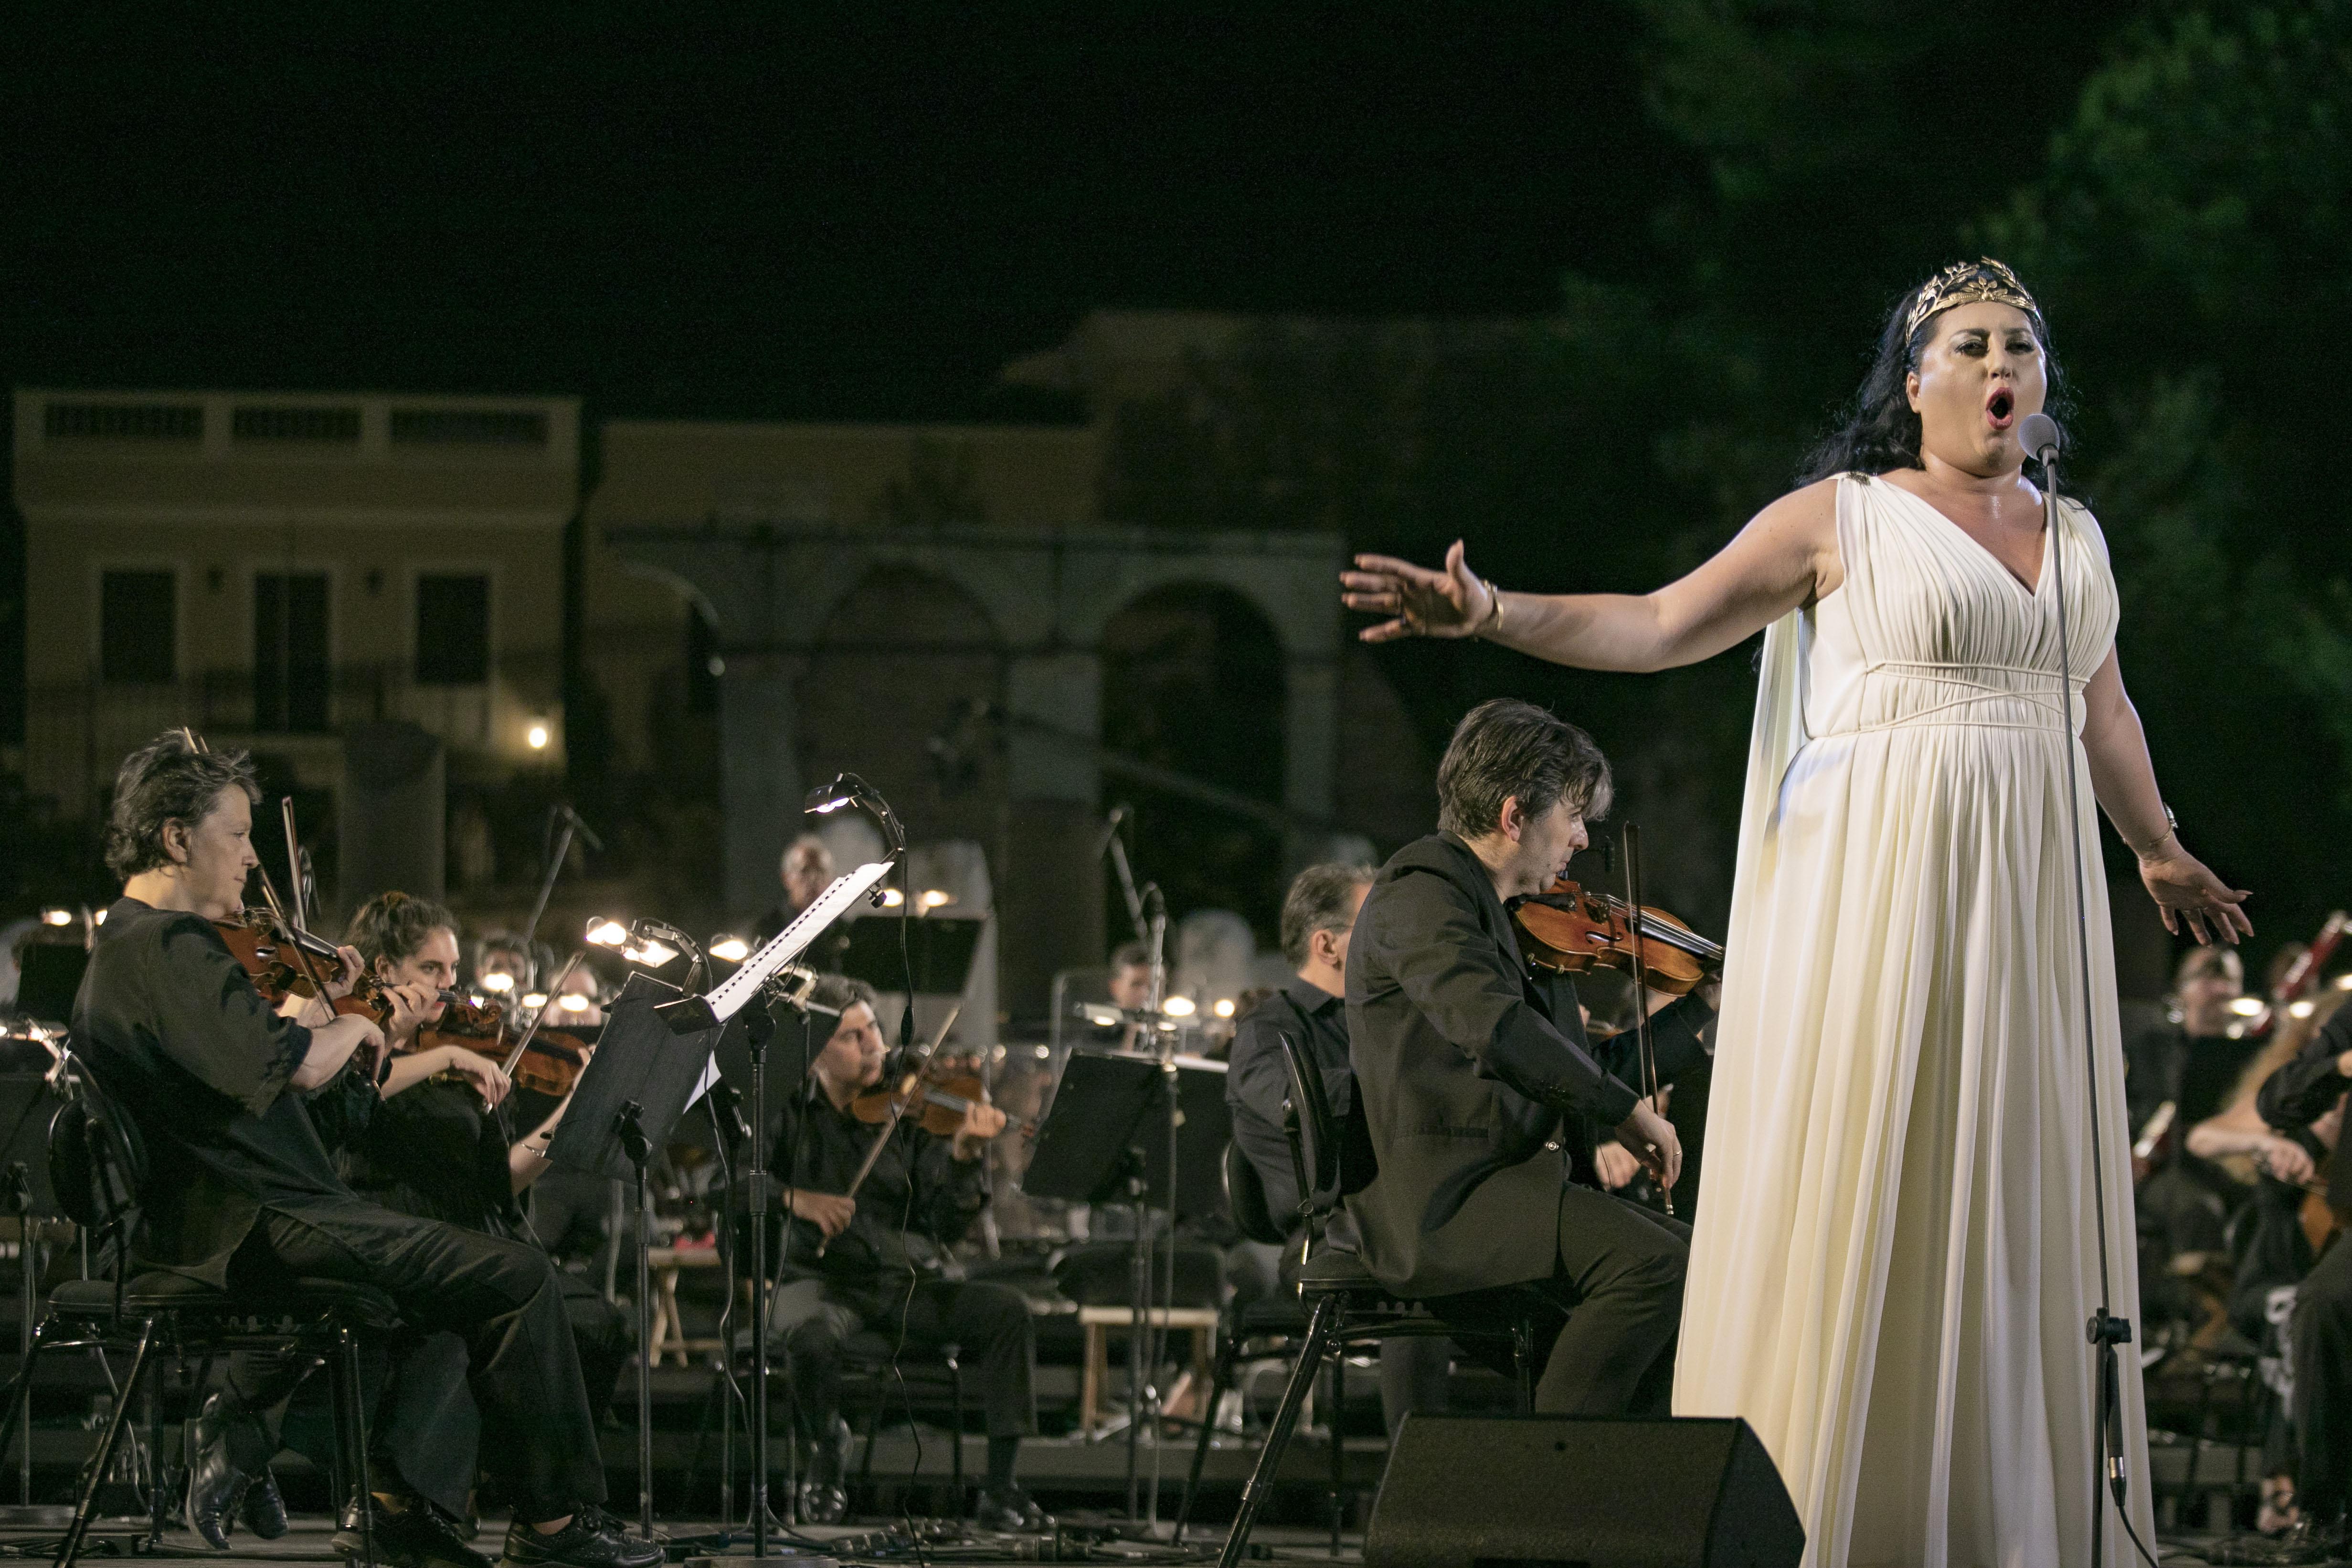 Εναρκτήρια συναυλία του Όλη η Ελλάδα ένας Πολιτισμός 2020 με την Ανίτα Ρατσβελισβίλι